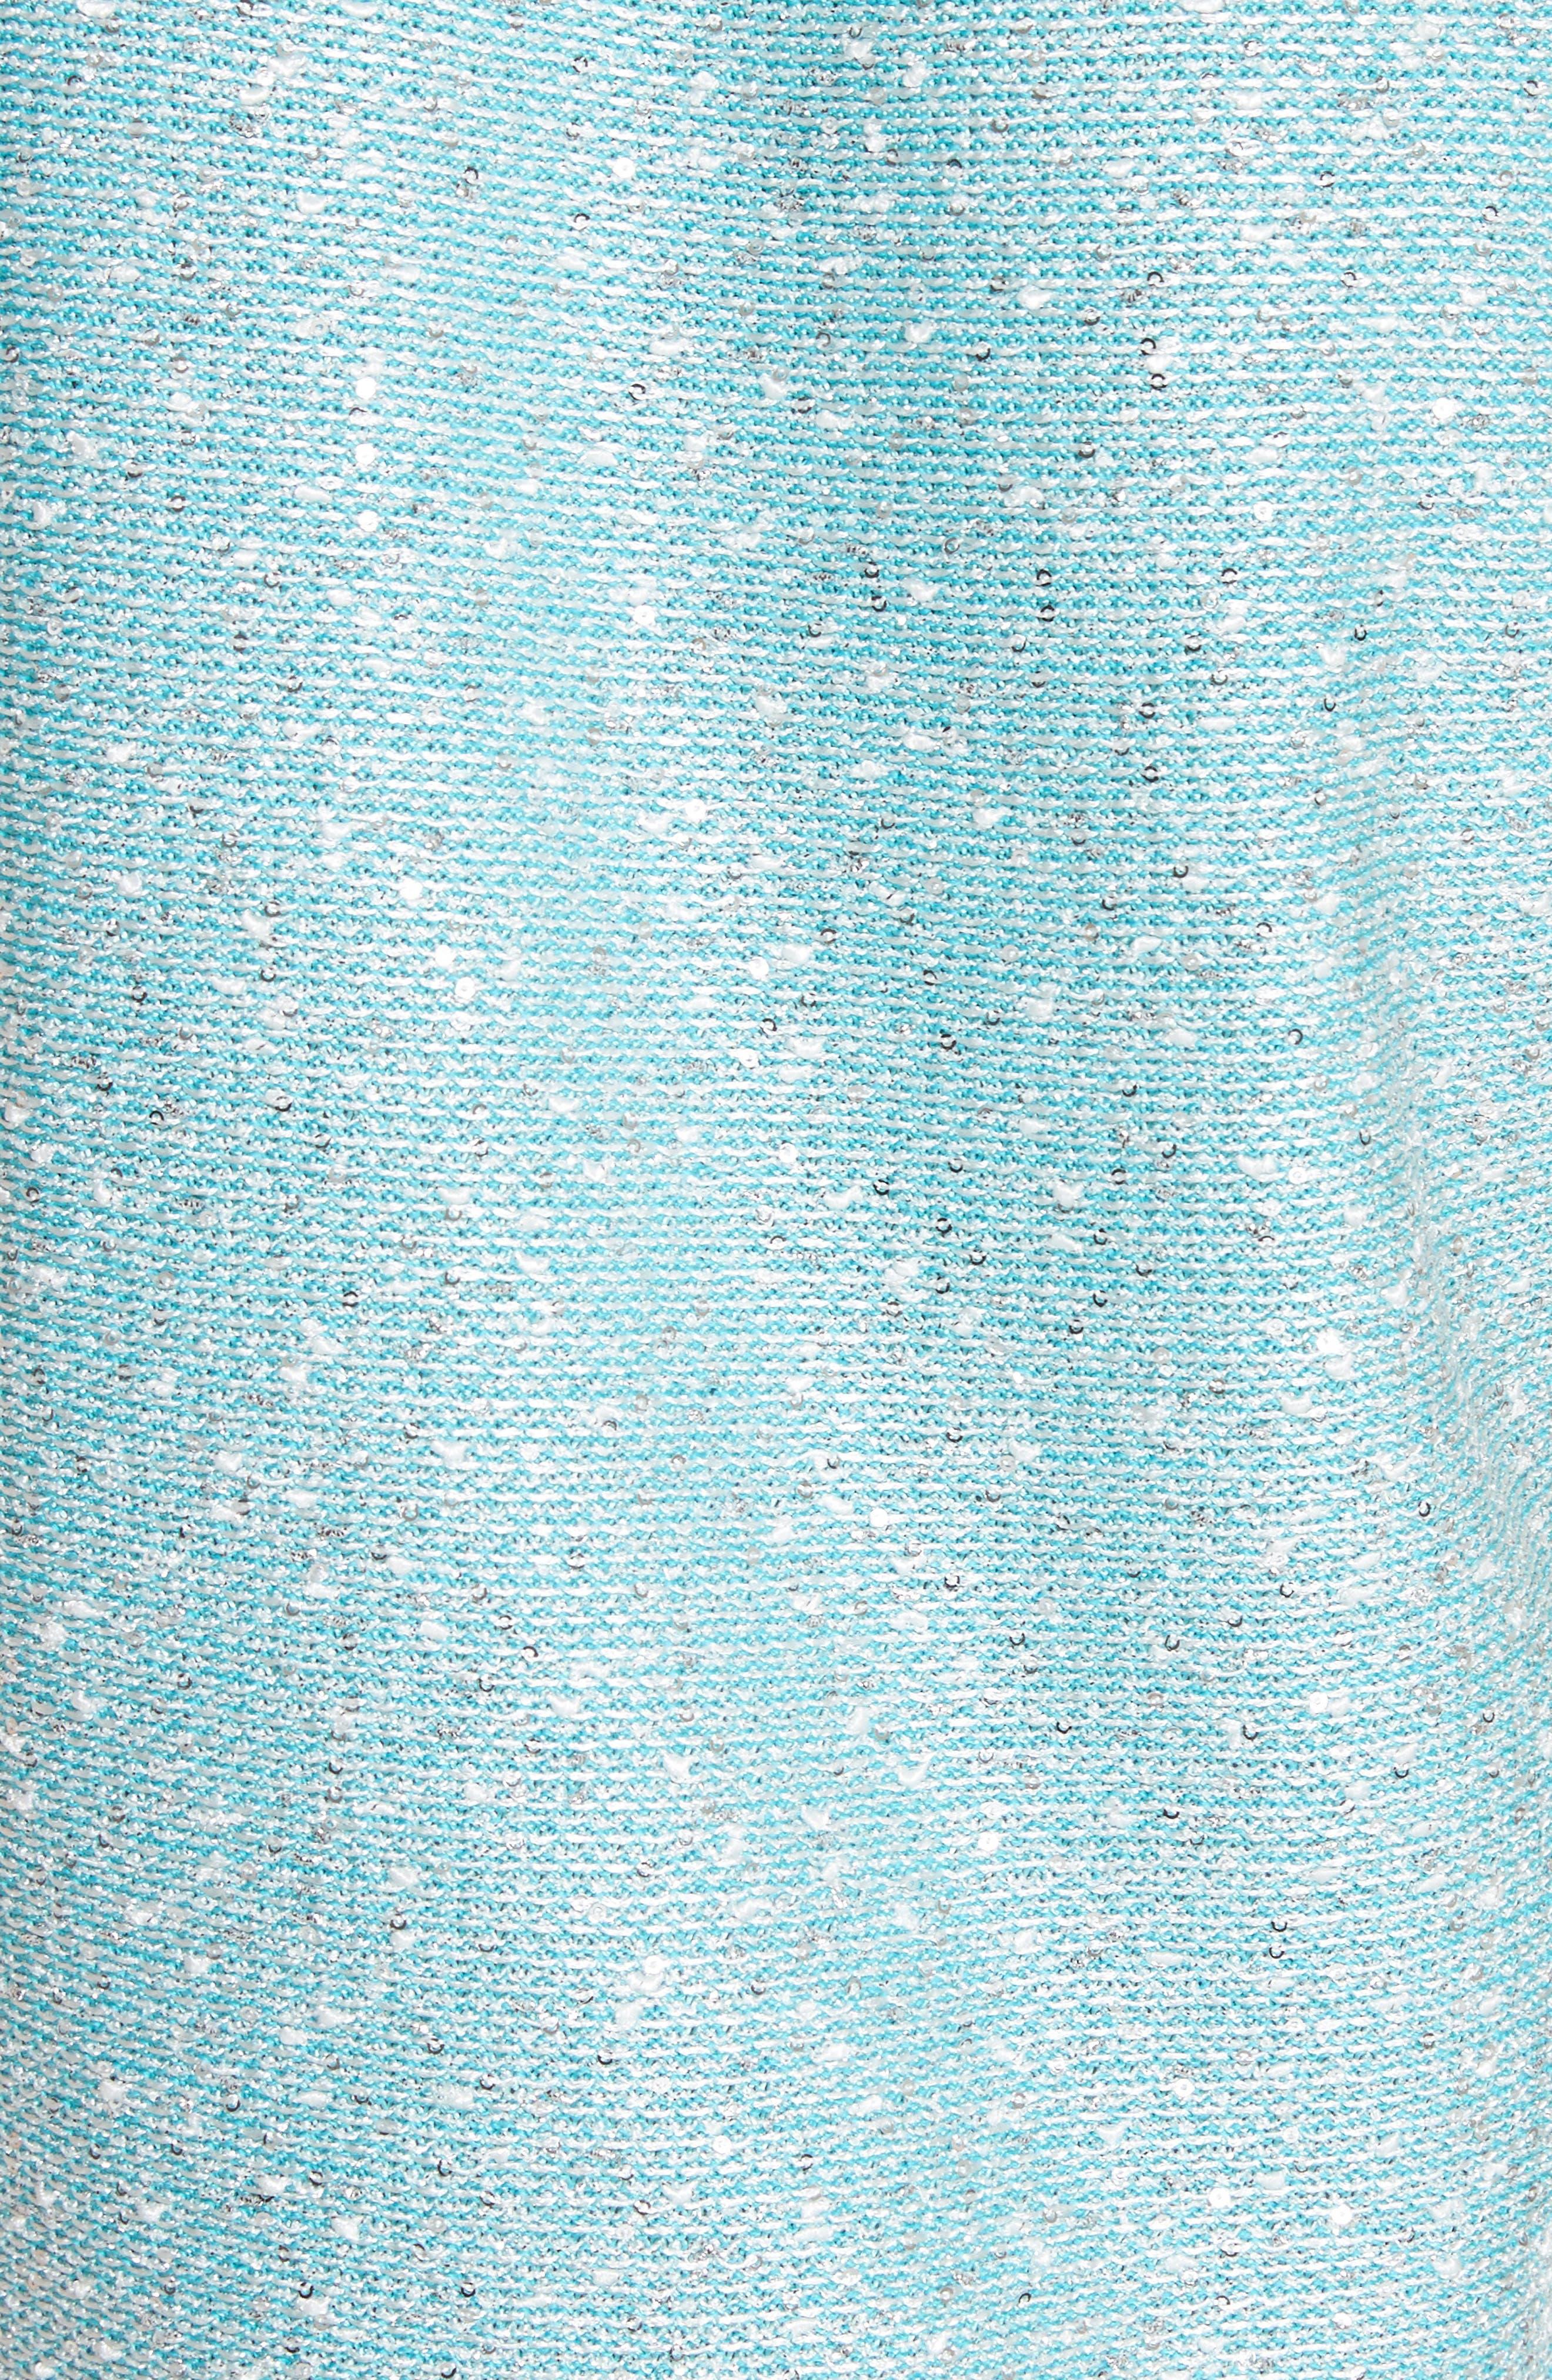 Flecked Sparkle Knit Shell,                             Alternate thumbnail 5, color,                             Aqua Multi